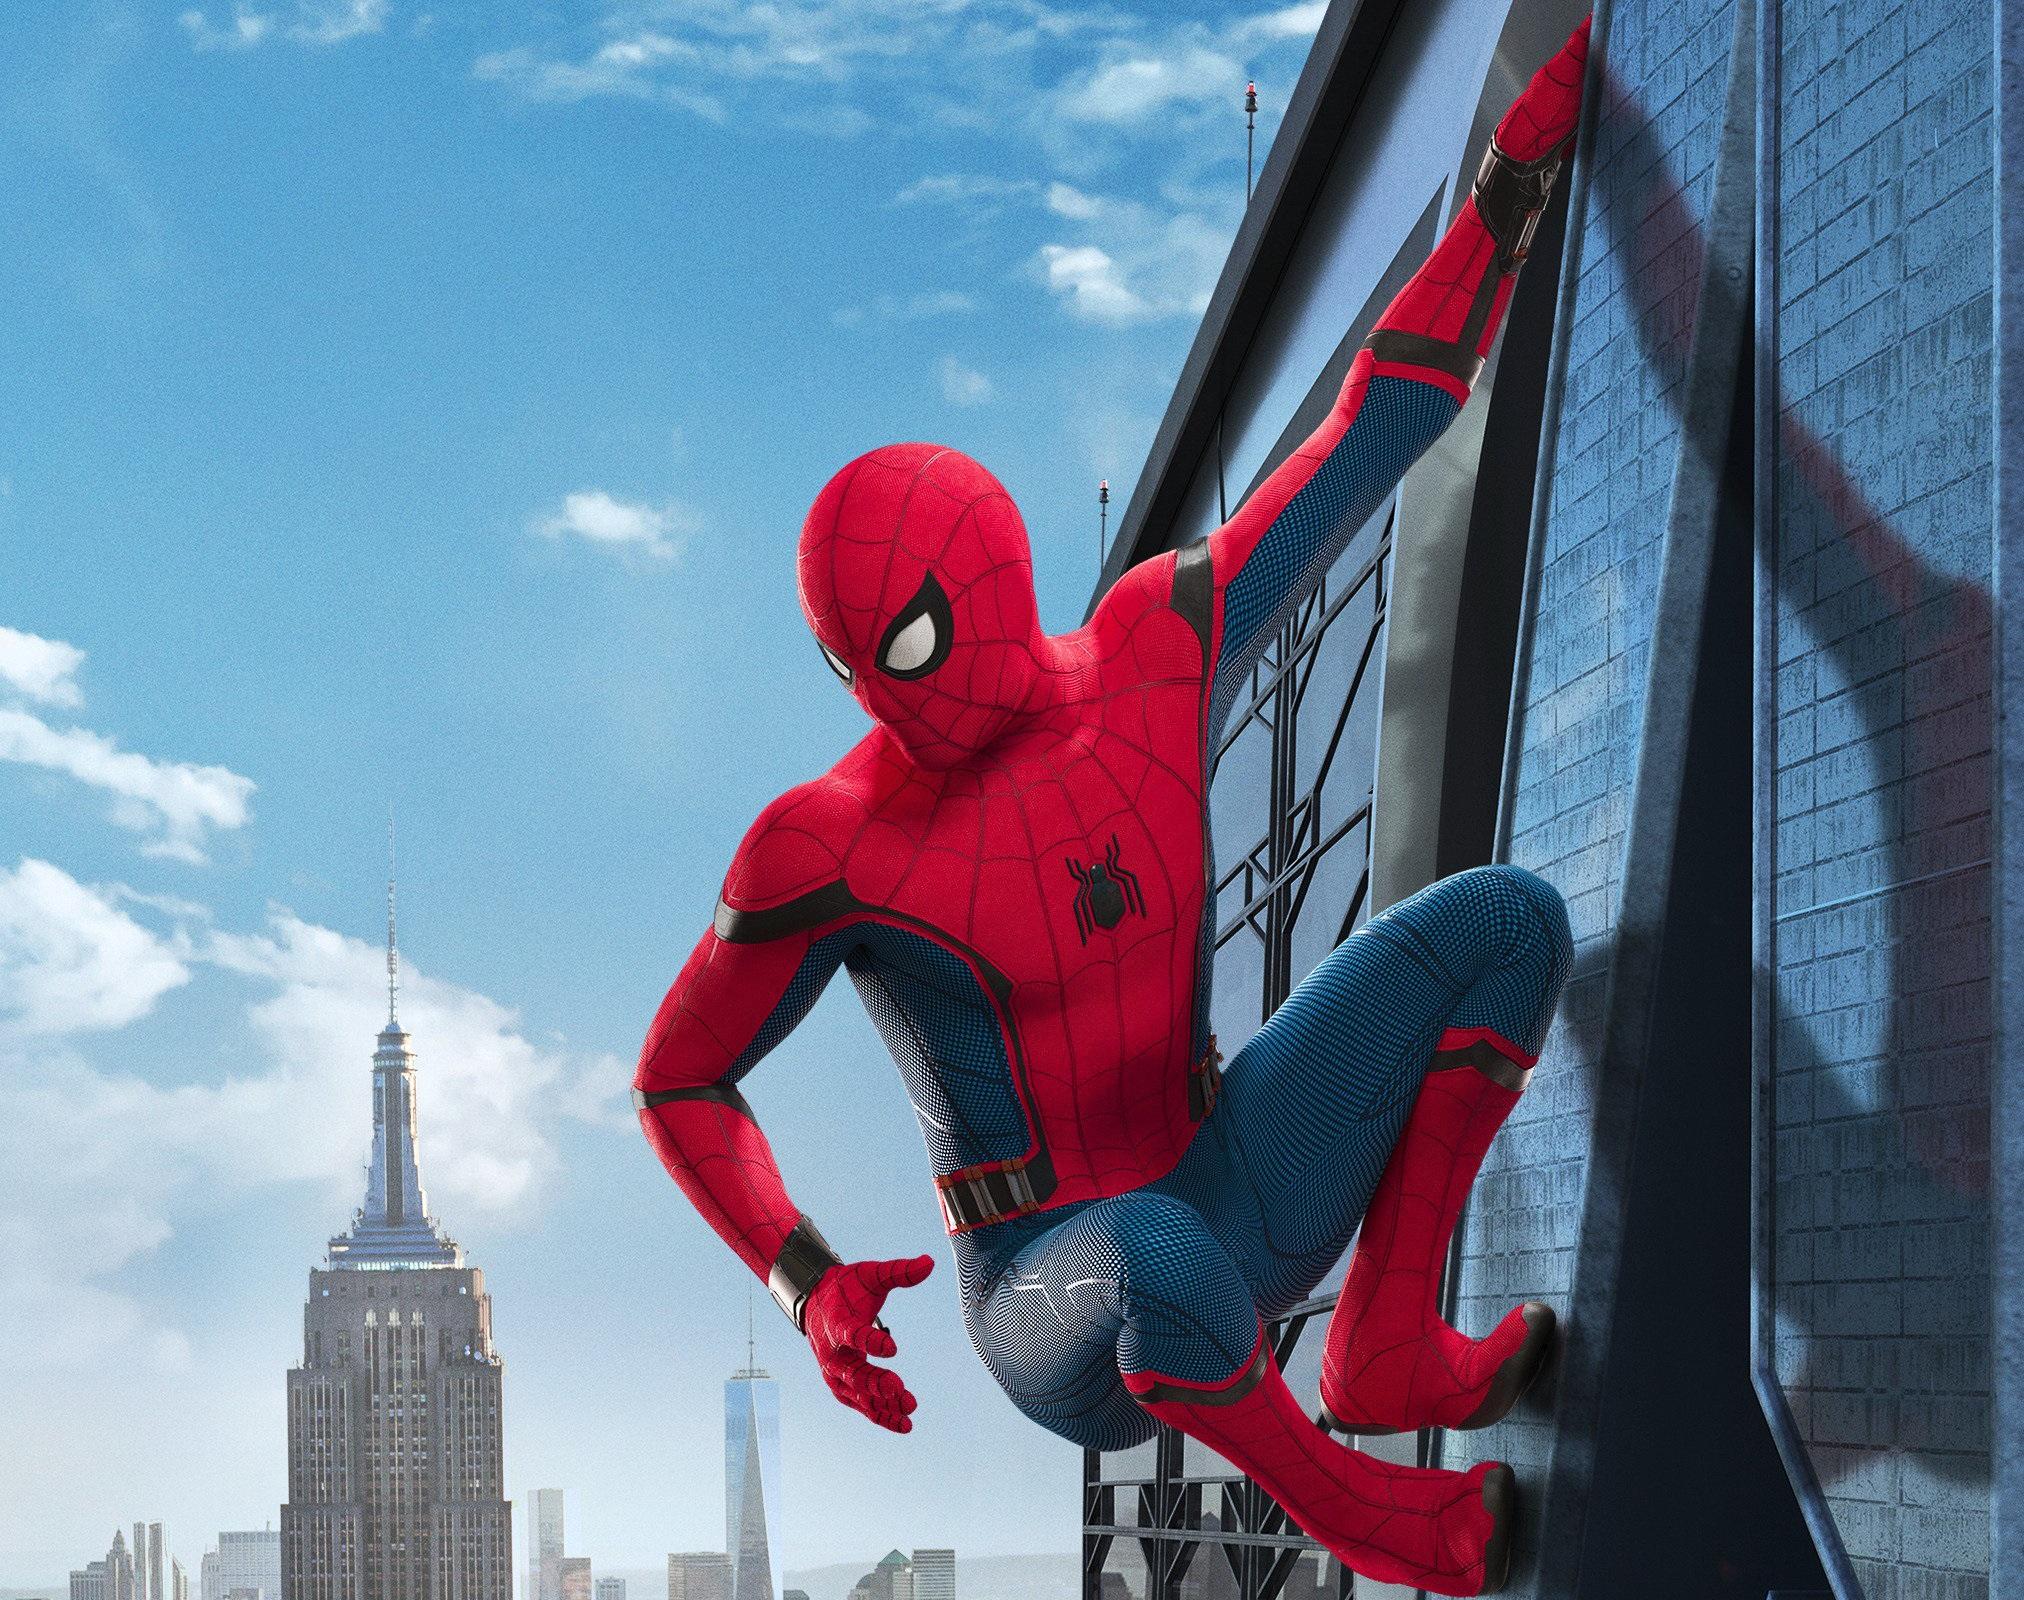 Wallpaper Homecoming: 11 Spider-Man: Homecoming HD Wallpapers